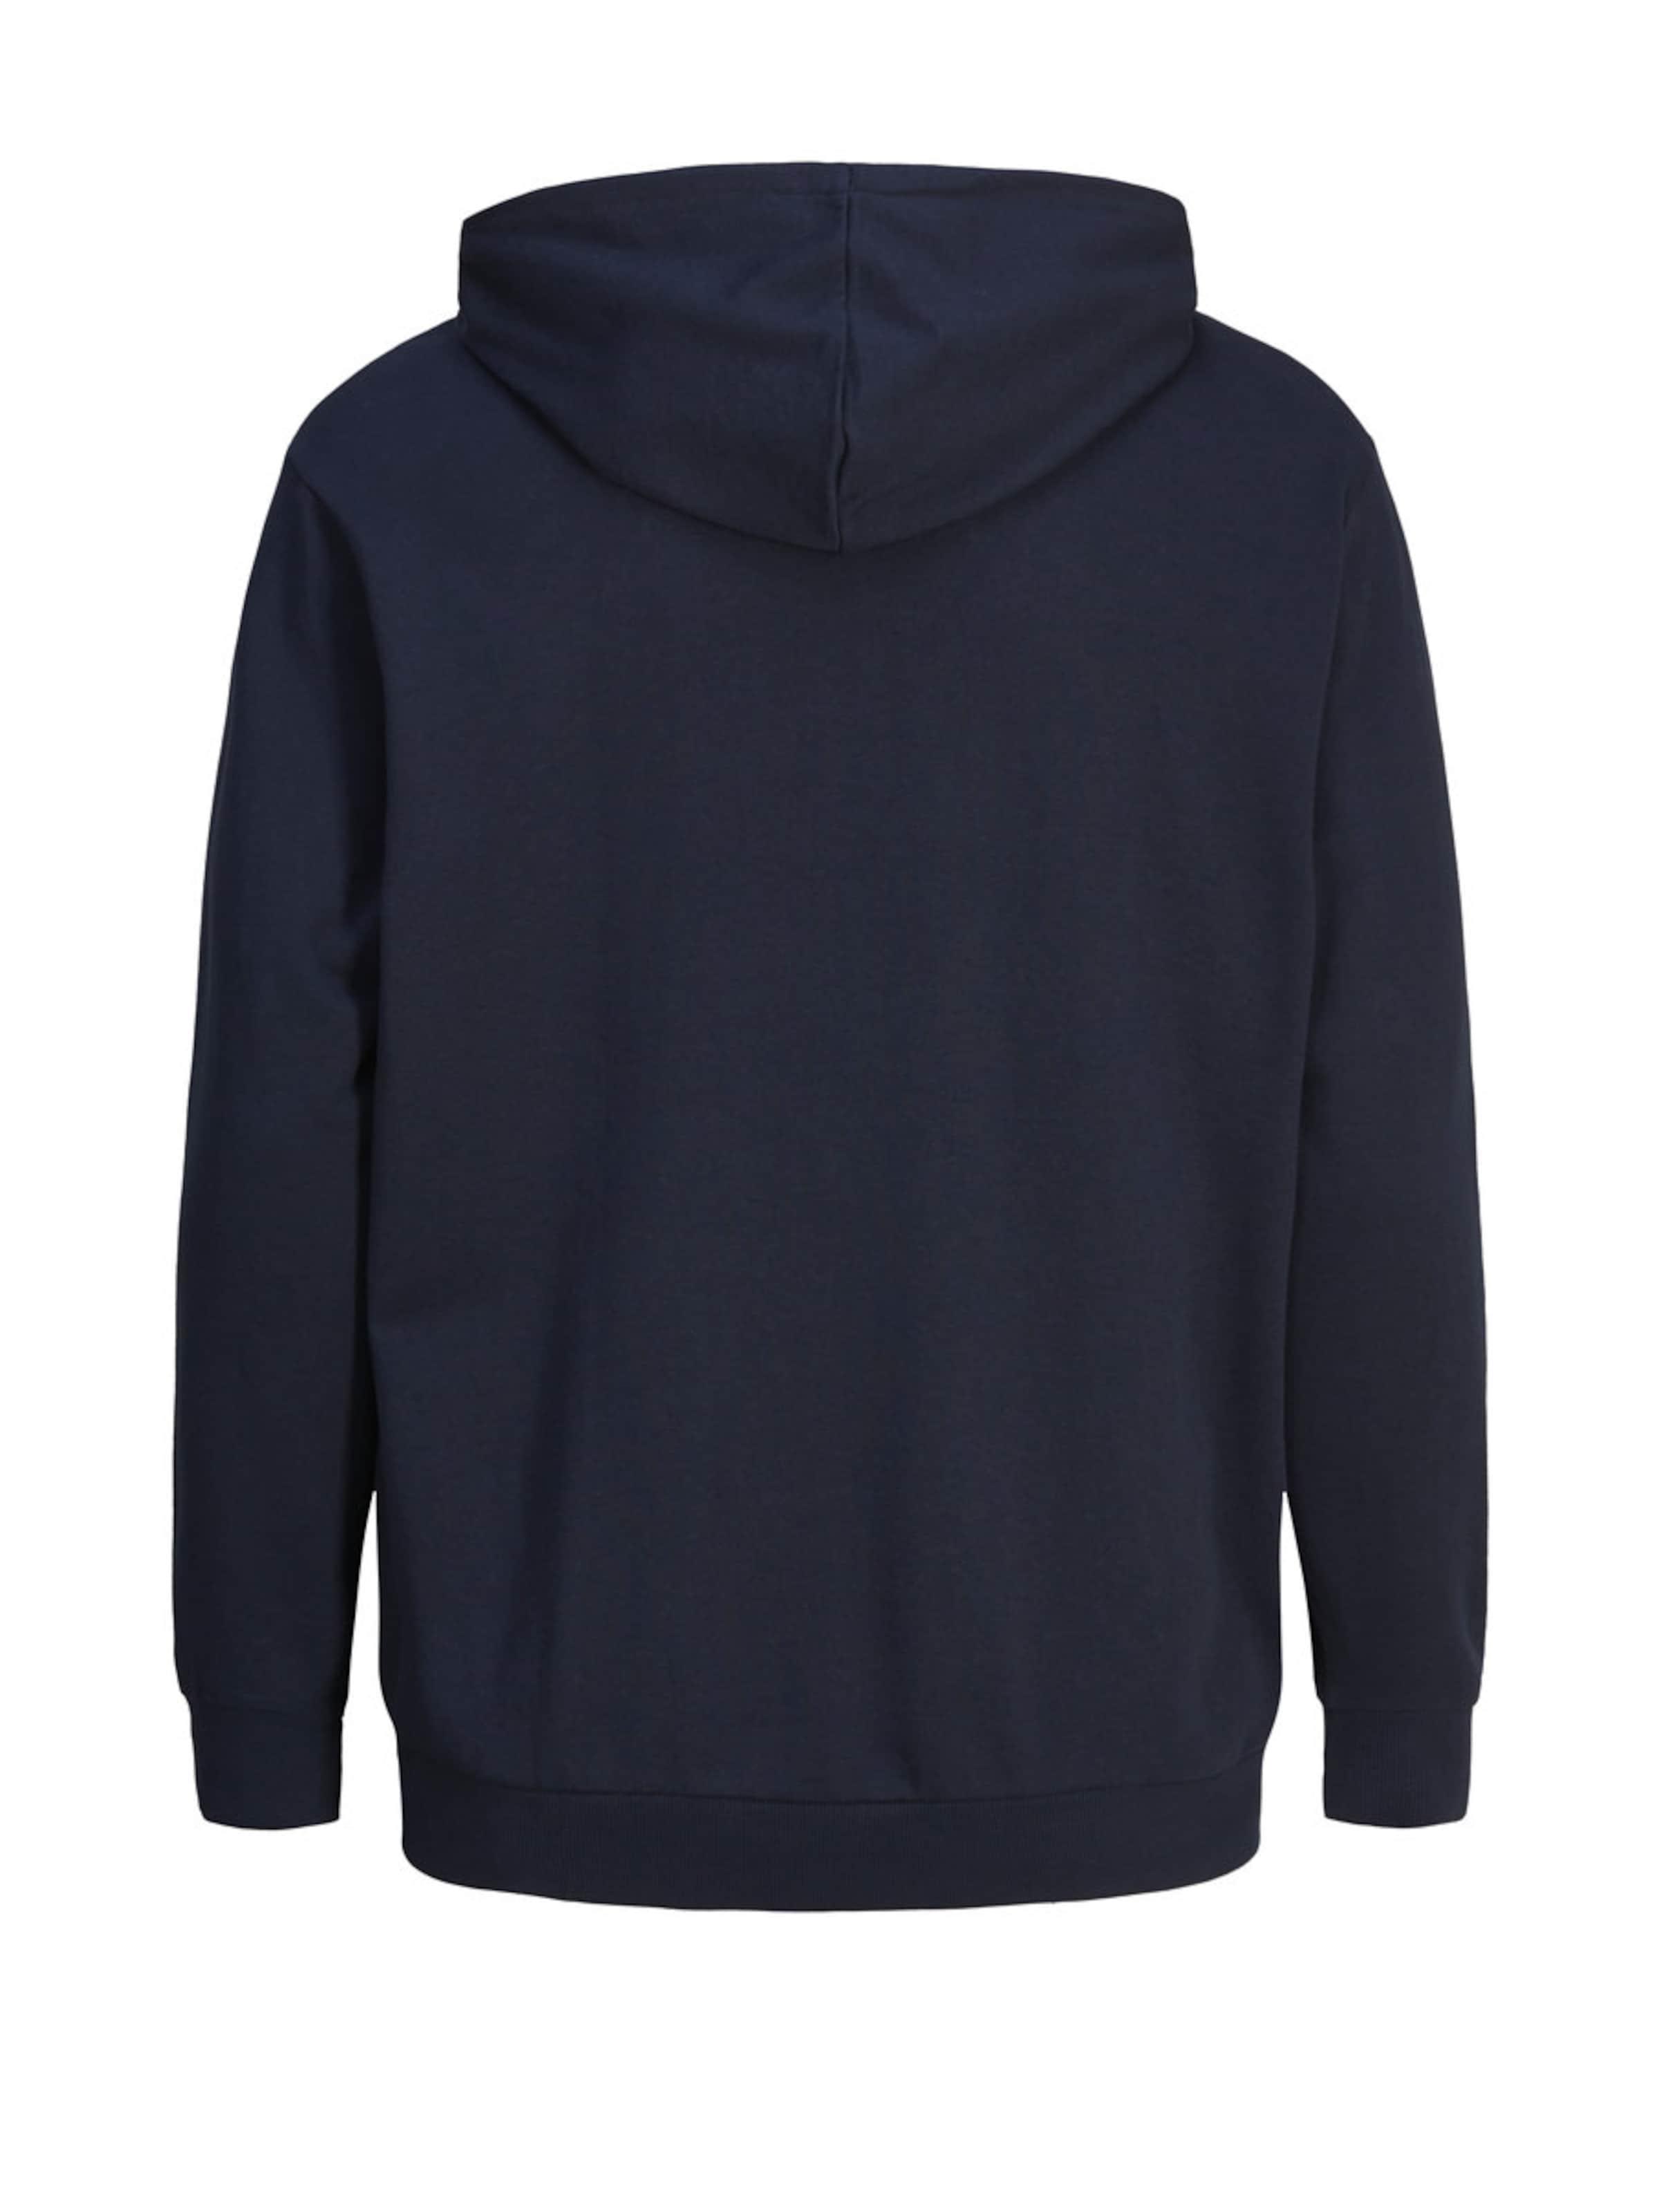 Jones Sweatshirt Navy Jackamp; Jones In Jackamp; In Navy Sweatshirt OiPZTkXu